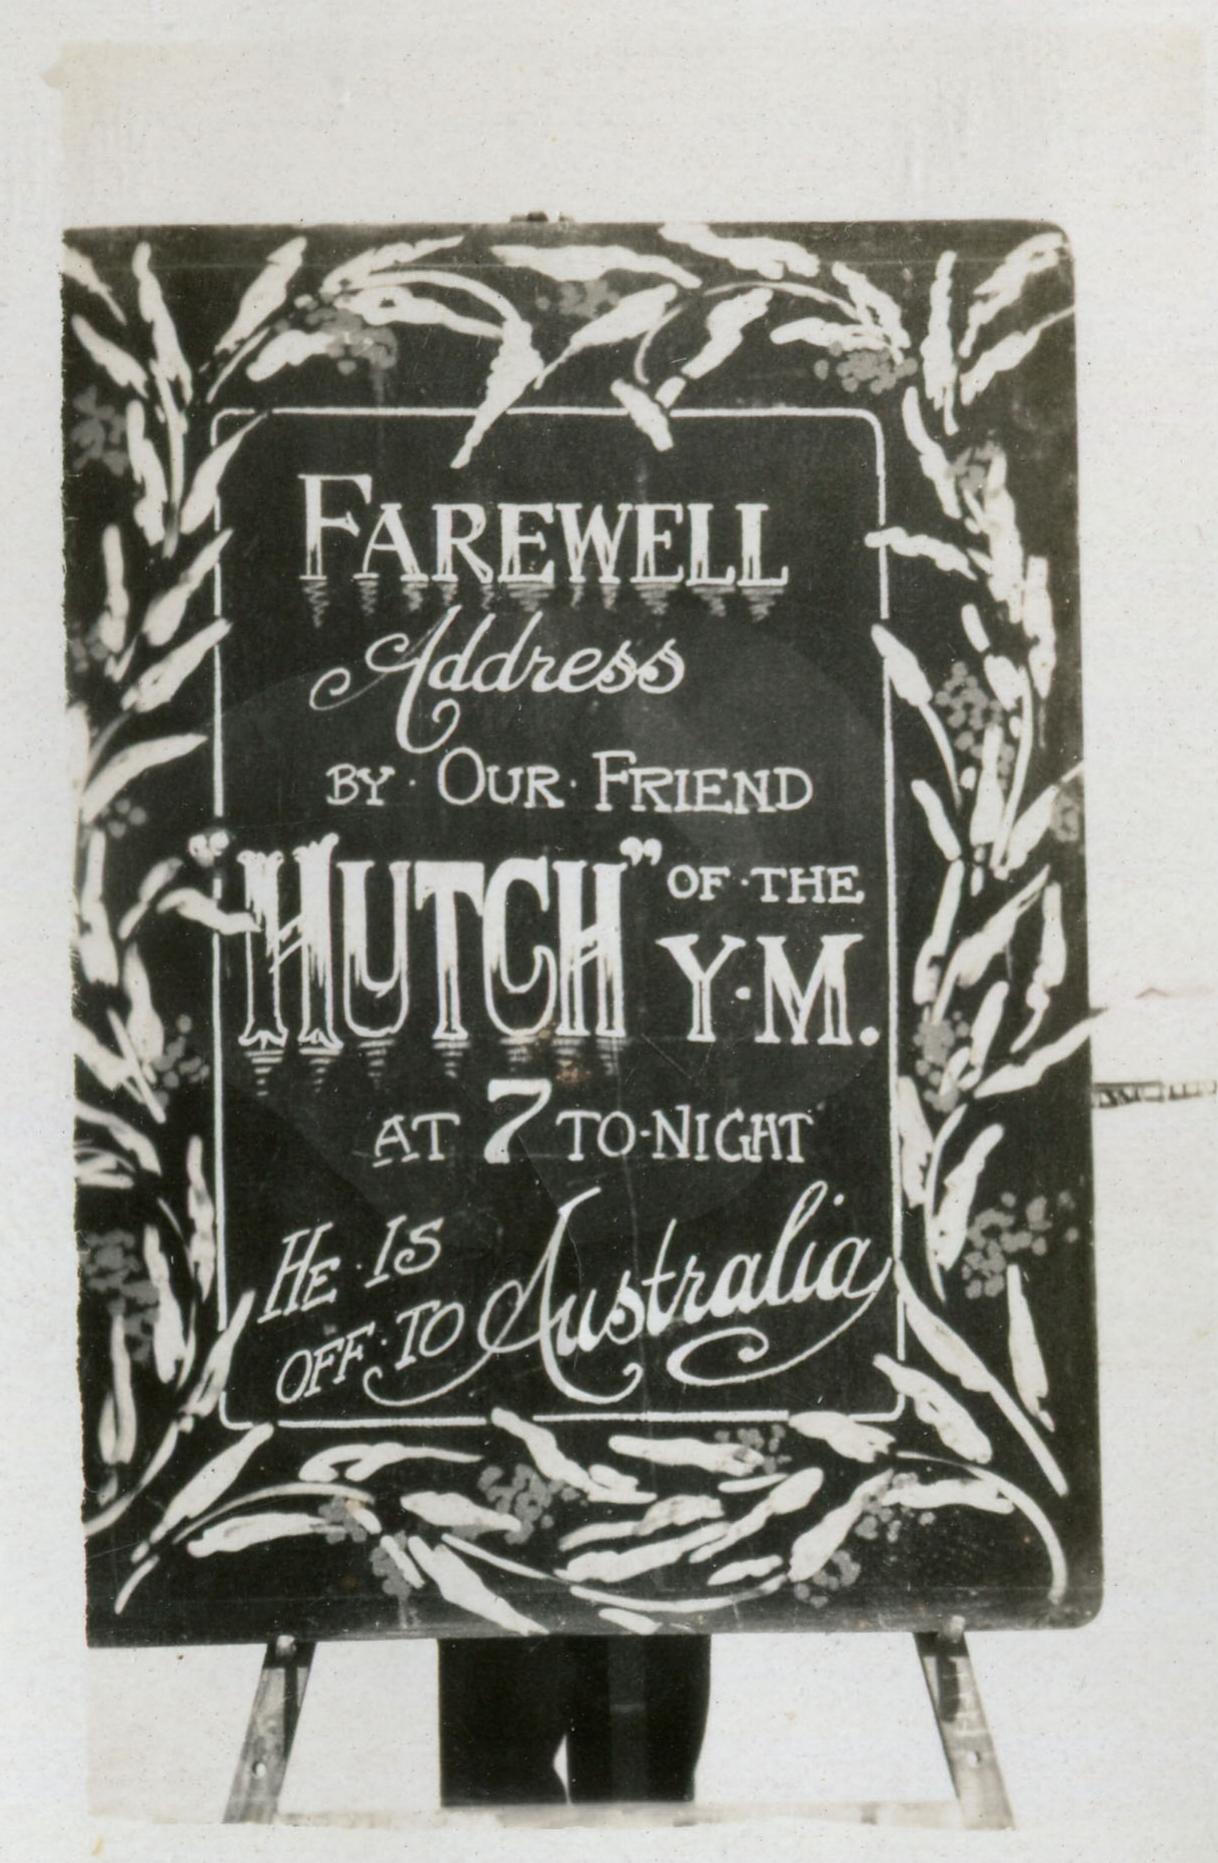 reg walters053 Farewell Hutch.jpg